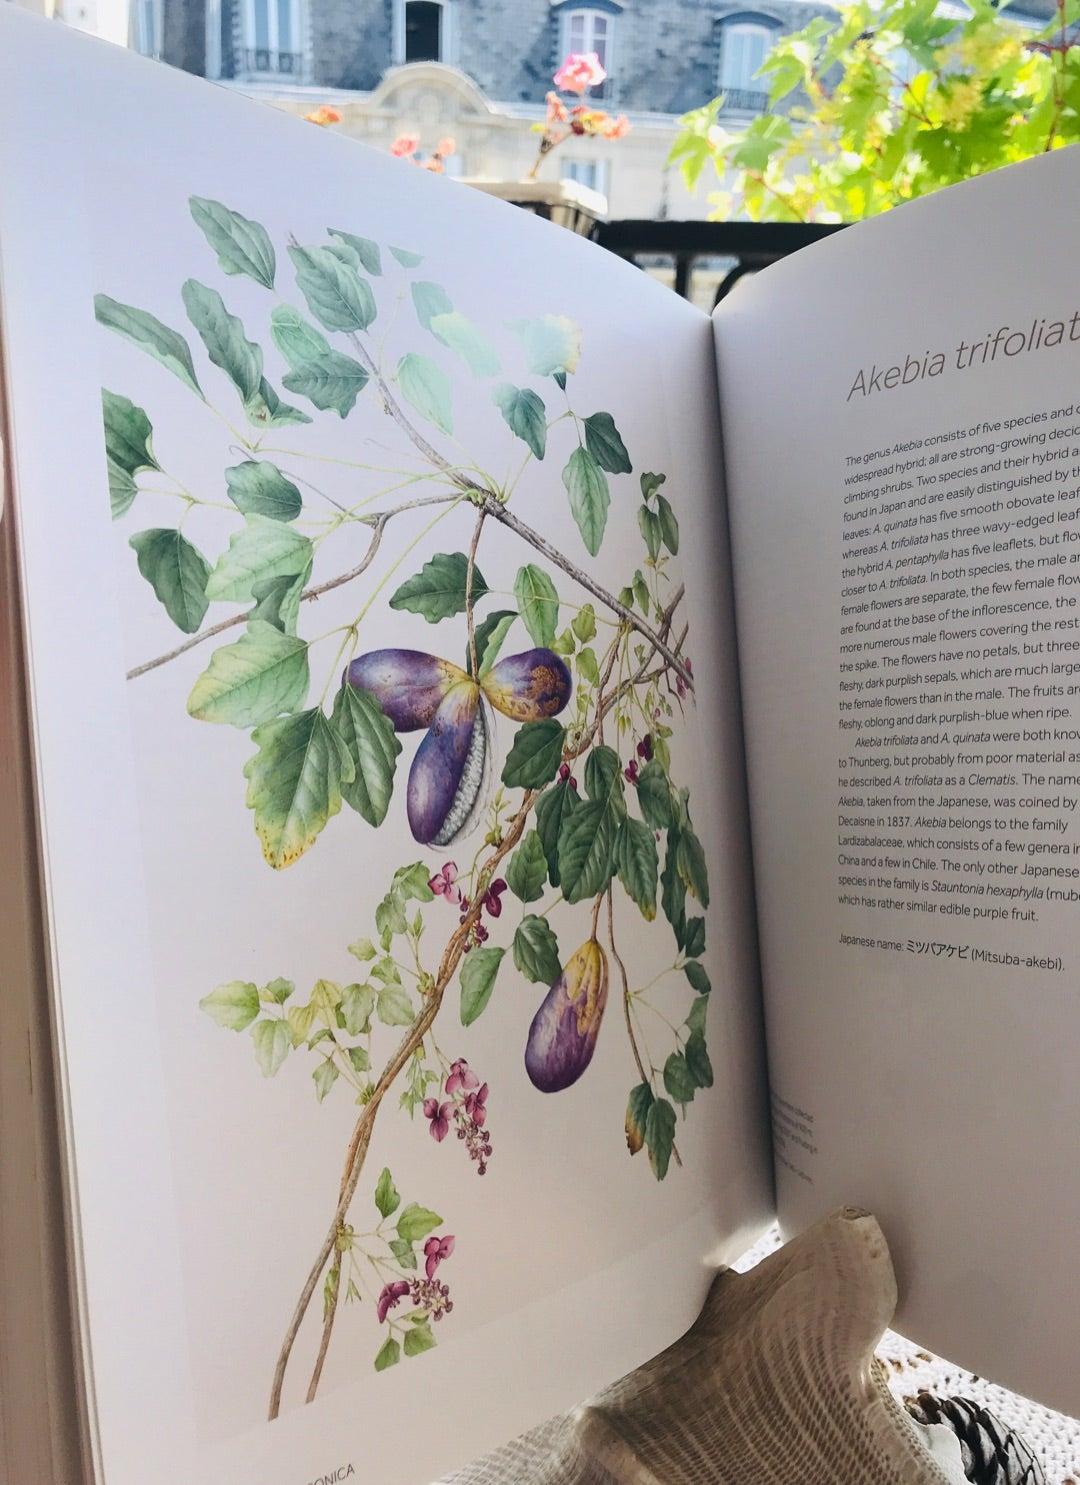 イチヂク、綺麗。昔の人の植物画がわたしは好き。このKEW王立植物園の画集には、大...の記事より